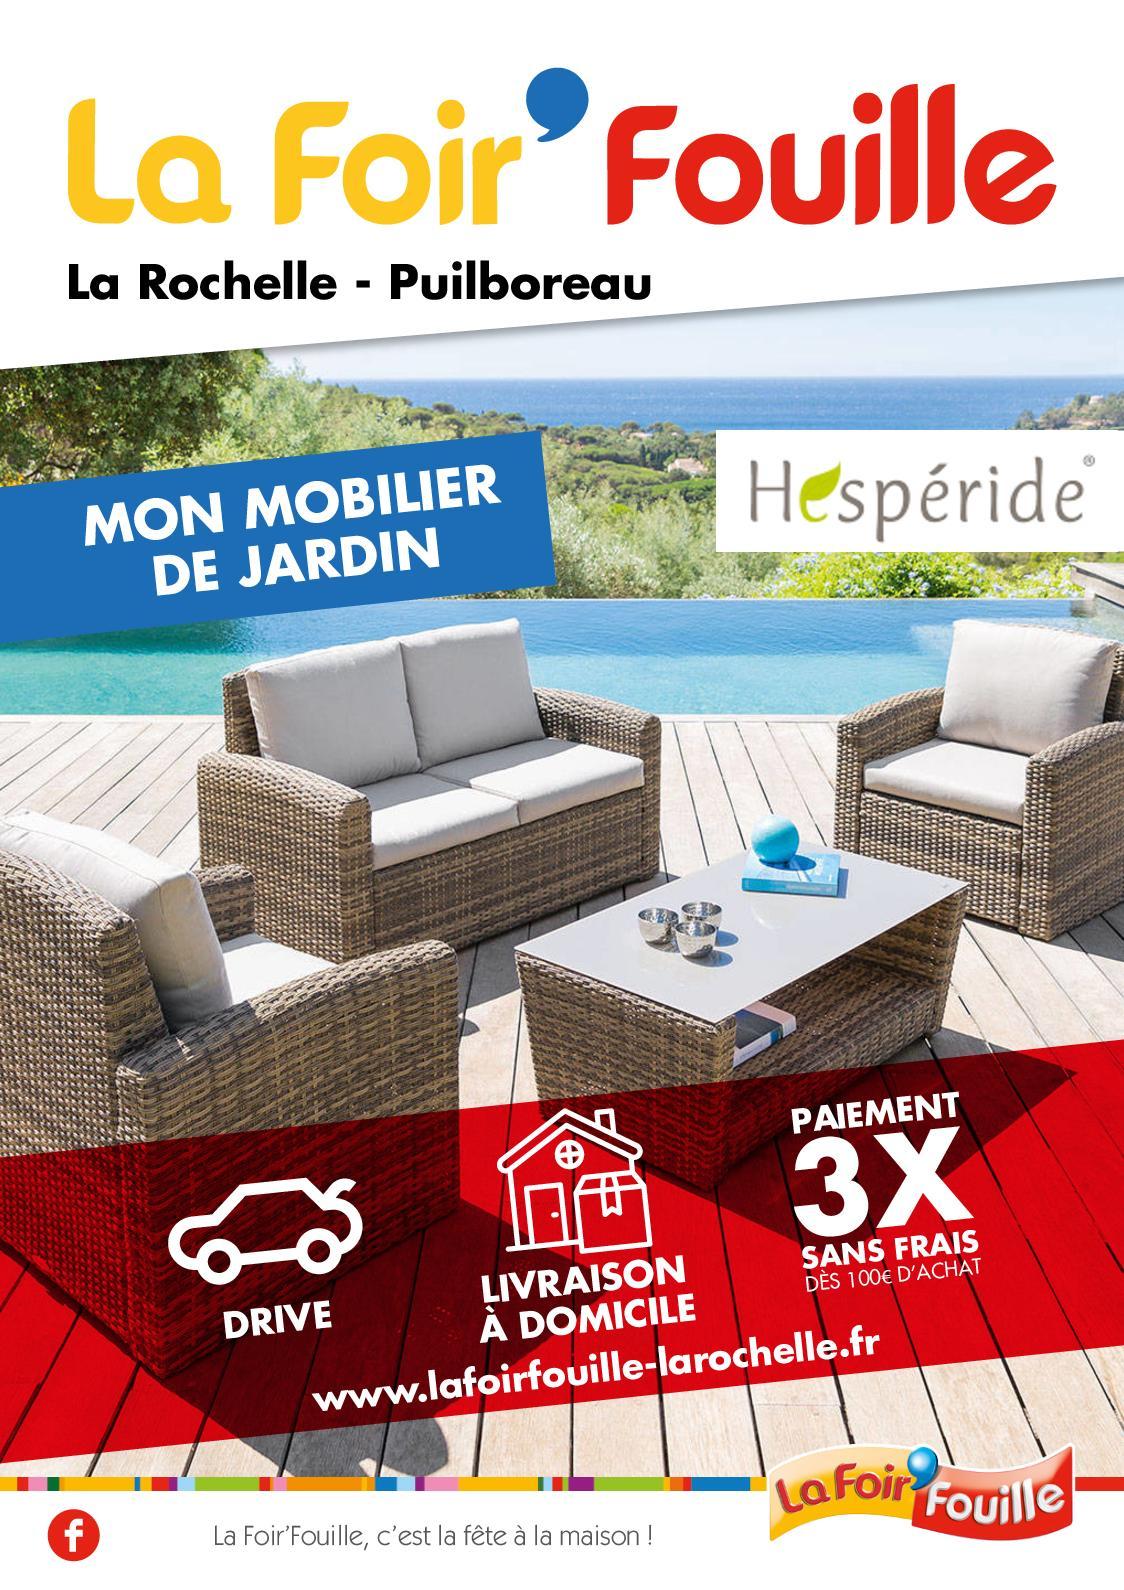 Calameo Foir Fouille La Rochelle Puilboreau Drive Et Livraison A Domicile